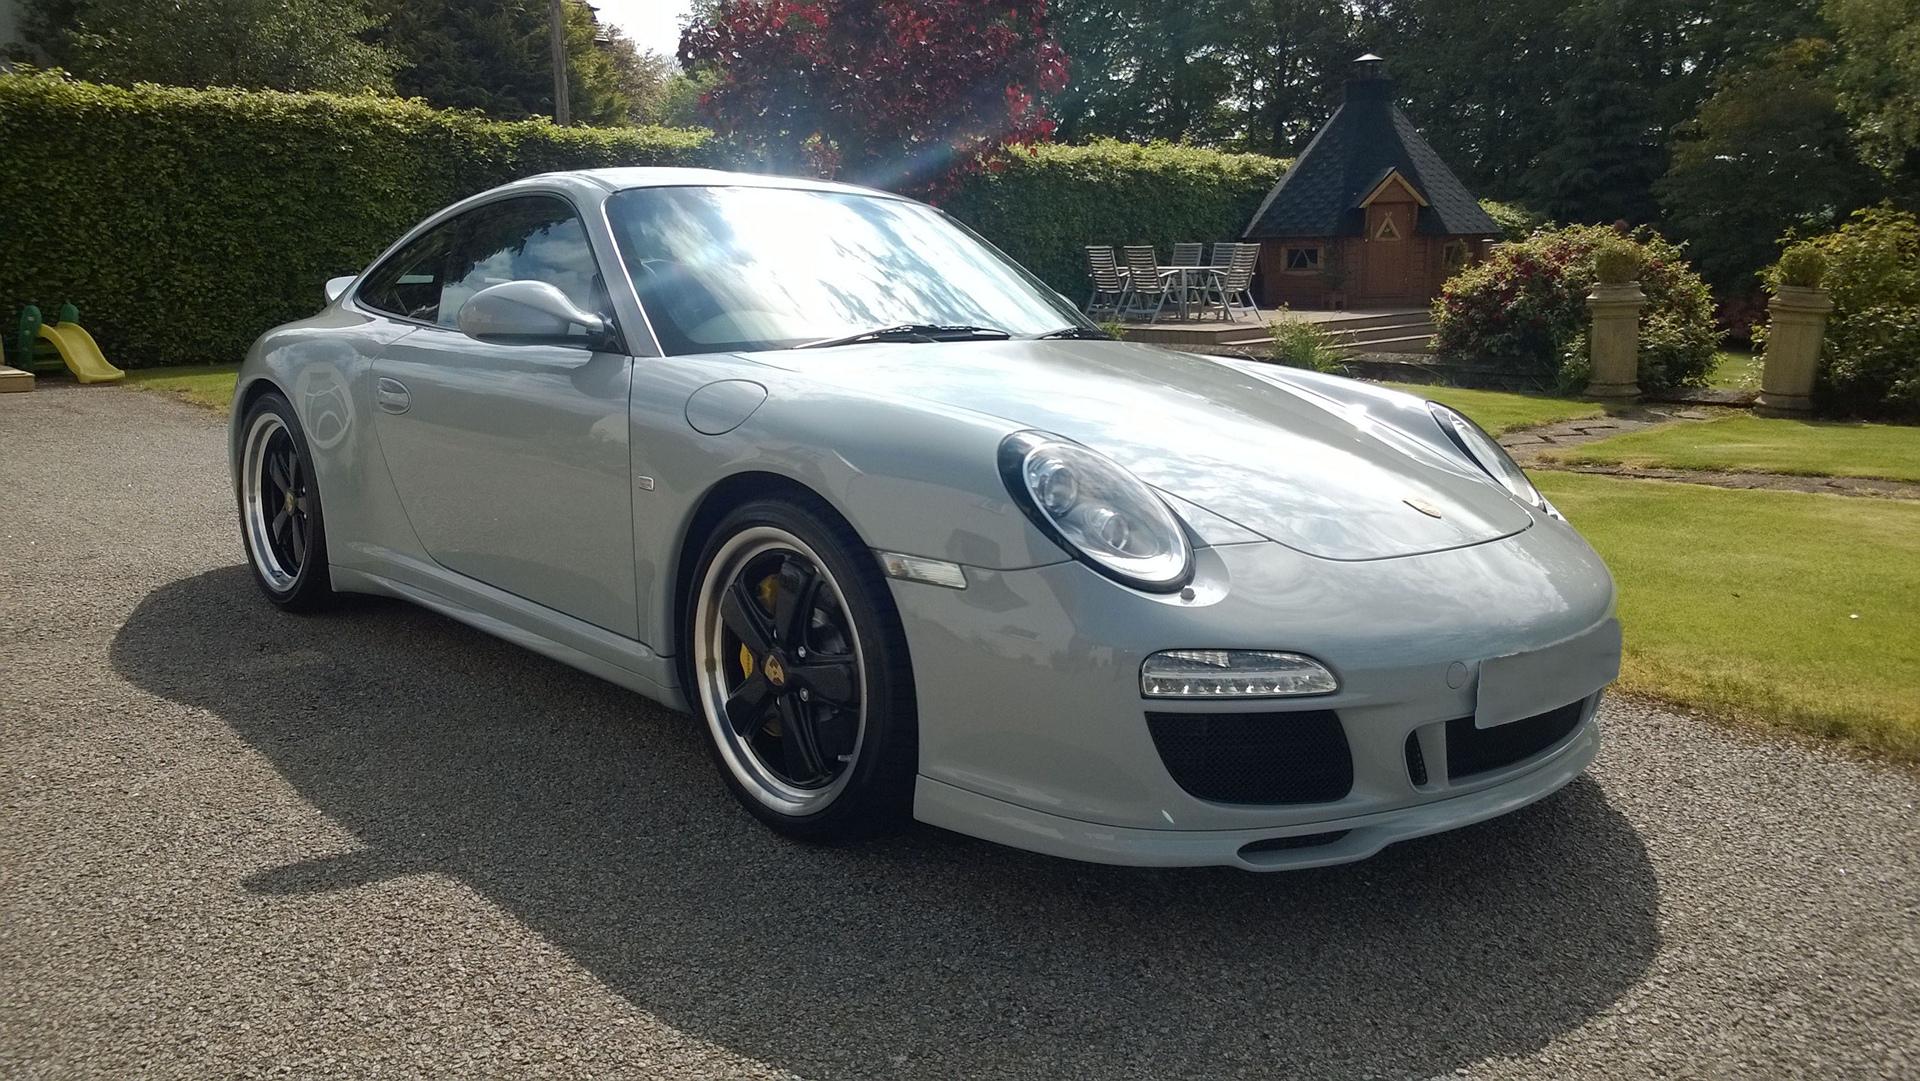 Porsche 911 Sport Classic in Turriff © Dr. Ing. h.c. F. Porsche AG